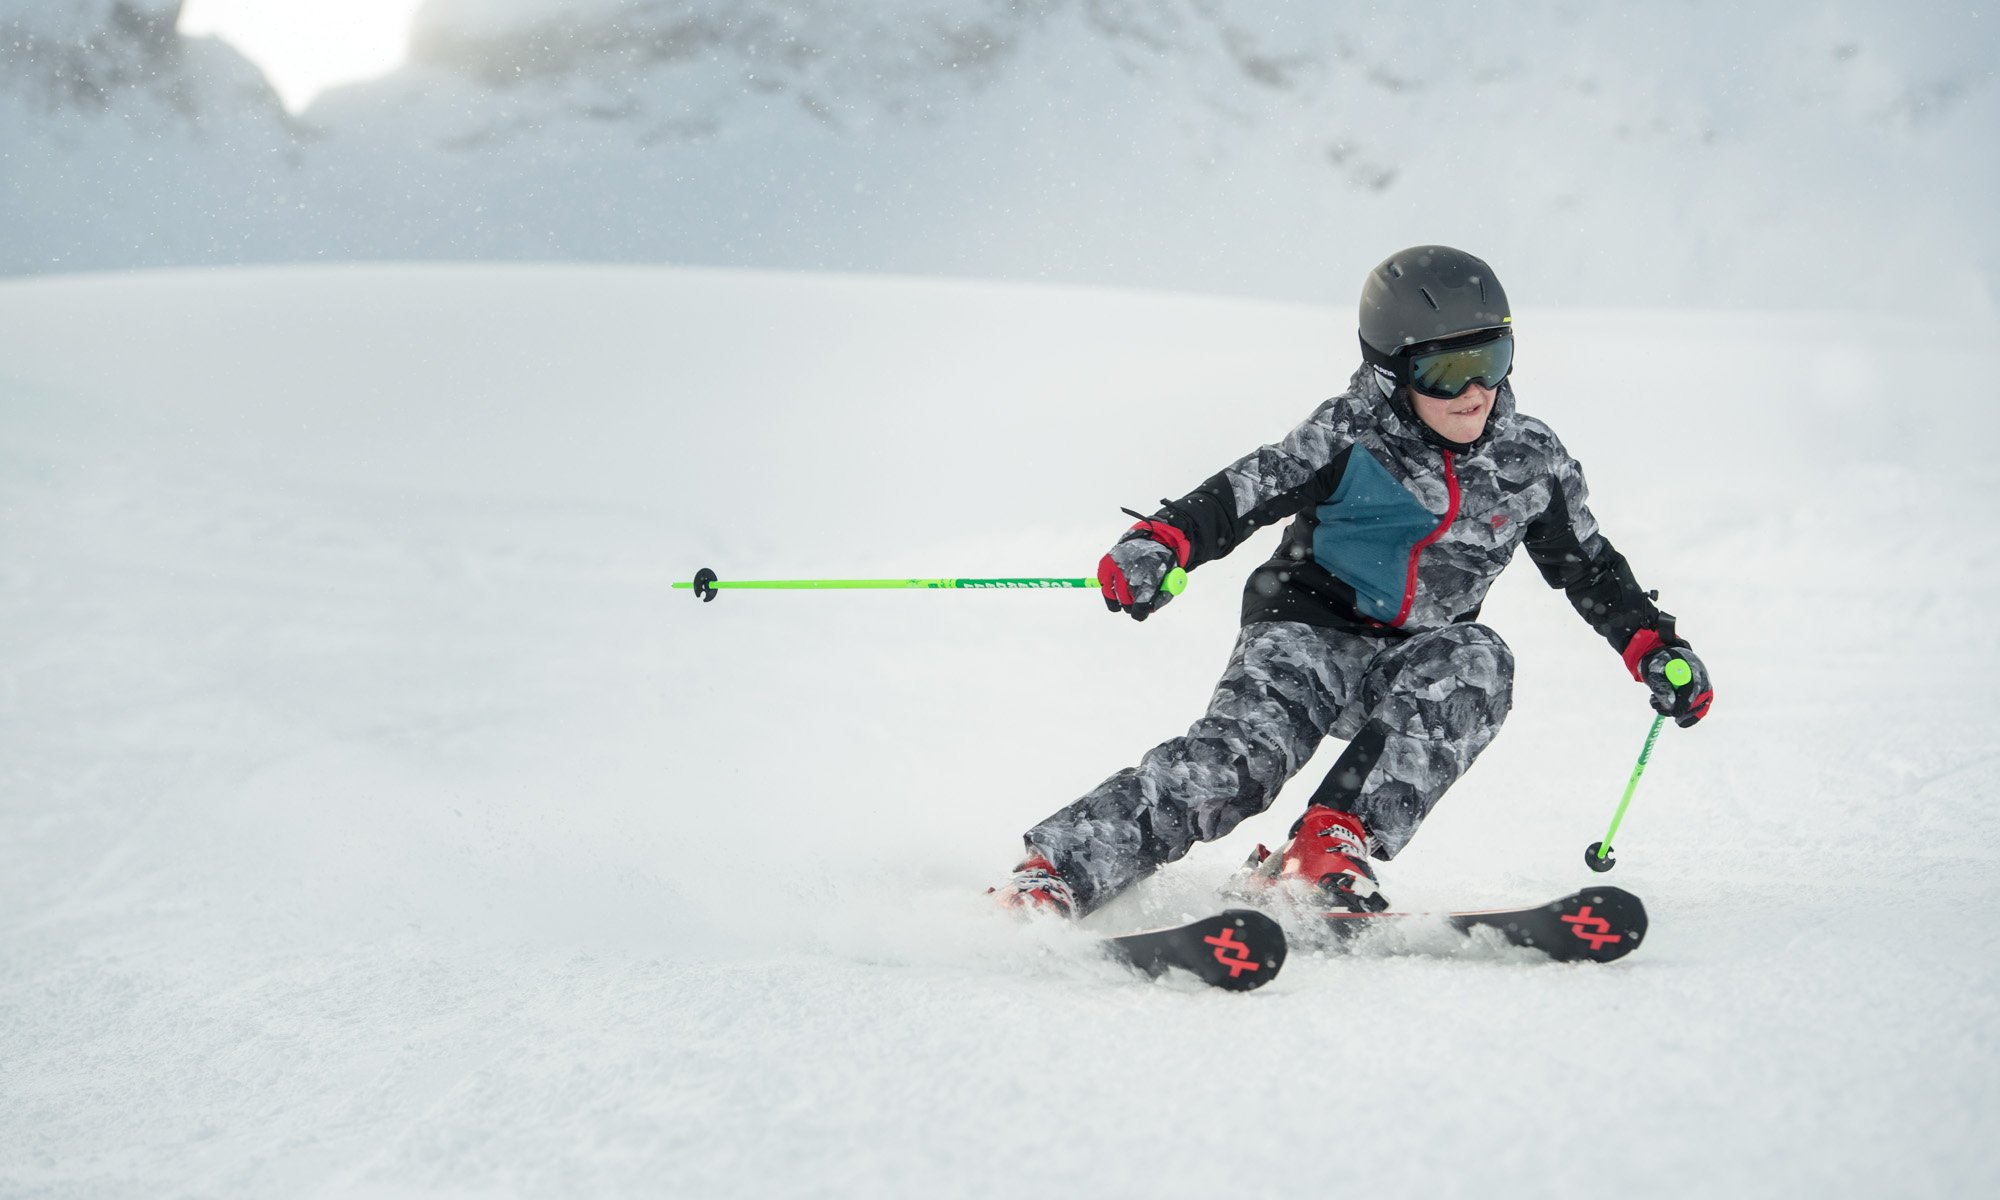 Ein Junge im grauen Skioutfit.